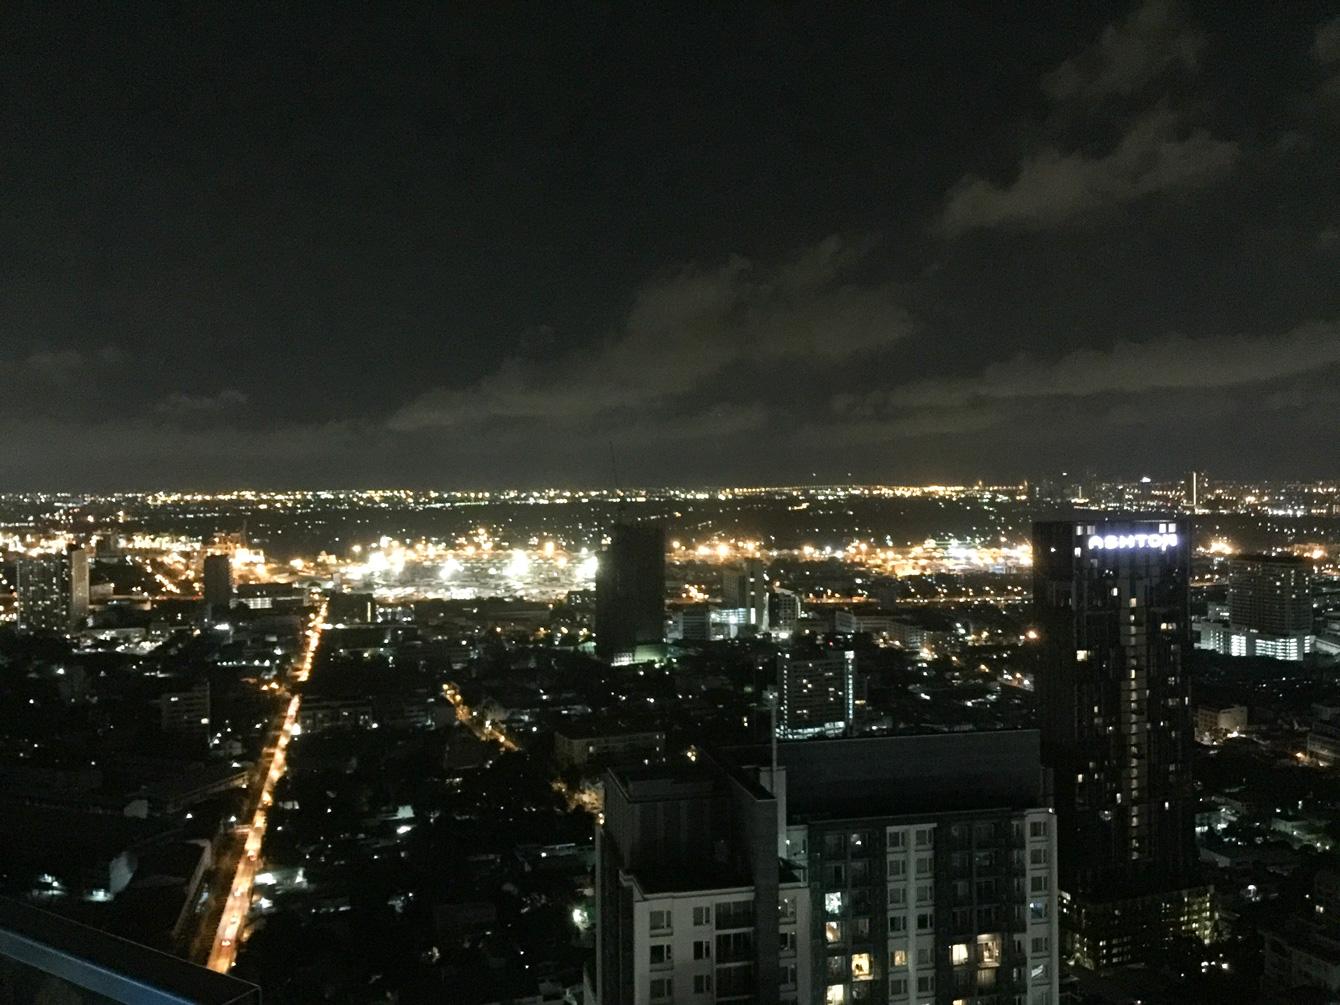 バンコクの高層ホテルの屋上にあるルーフトップバーから見た夜景。ランドマークになるような大きな建物はあまりないが、街は夜遅くまで賑わっている。